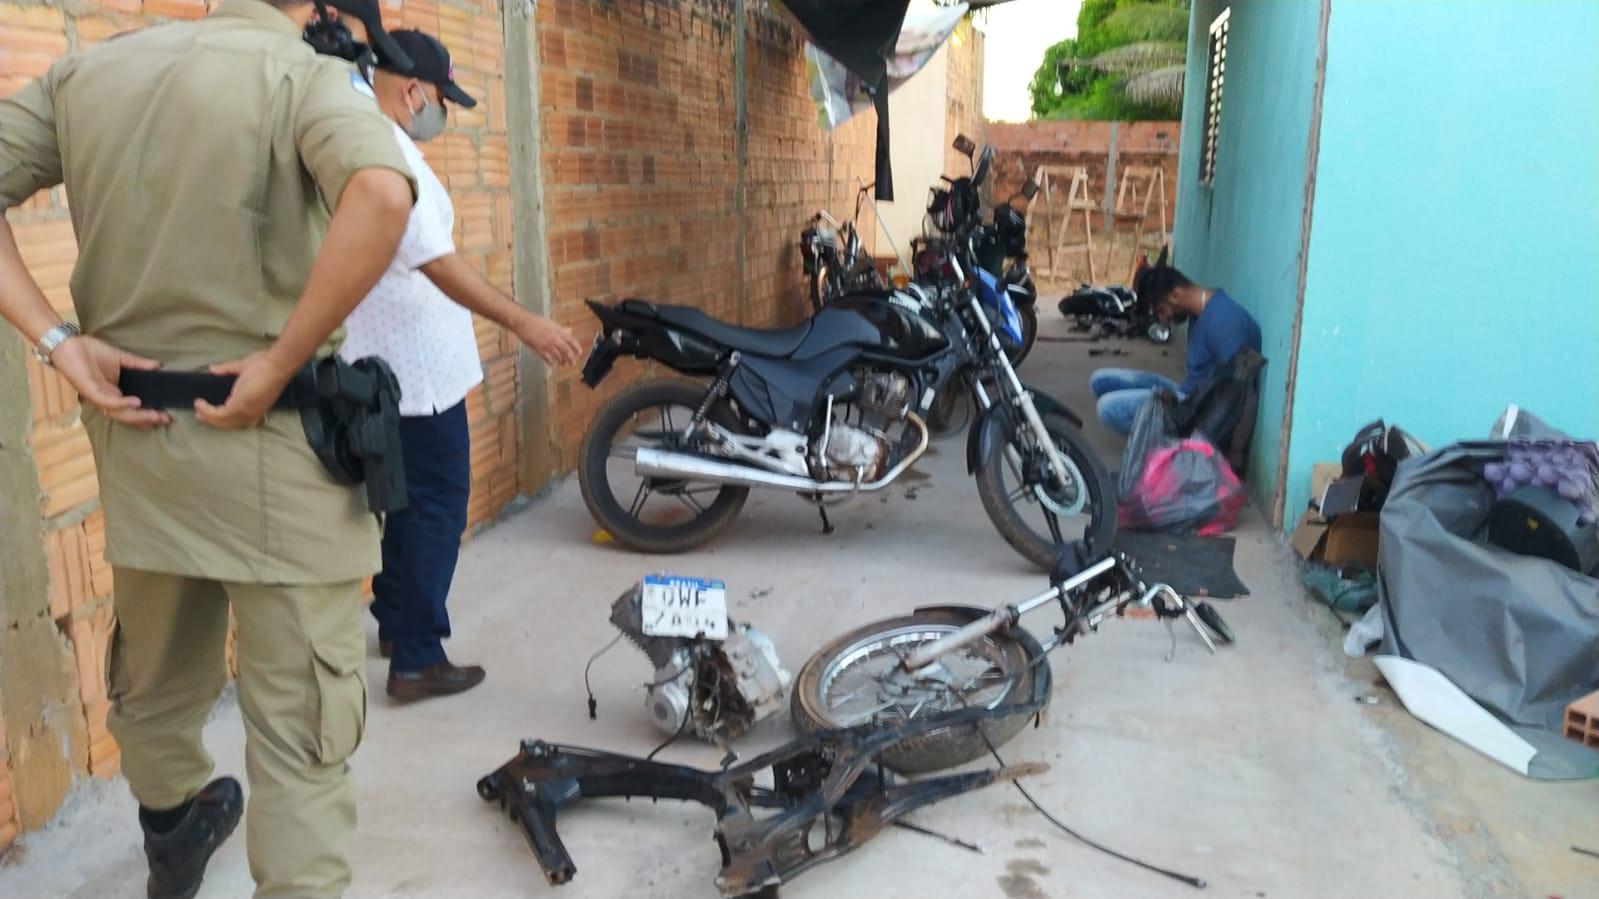 Chassis e outras partes da motocicleta que havia sido roubada em Palmas e desmontada para retirar as peças – Foto: Alessandro Ferreira / Agência Tocantins